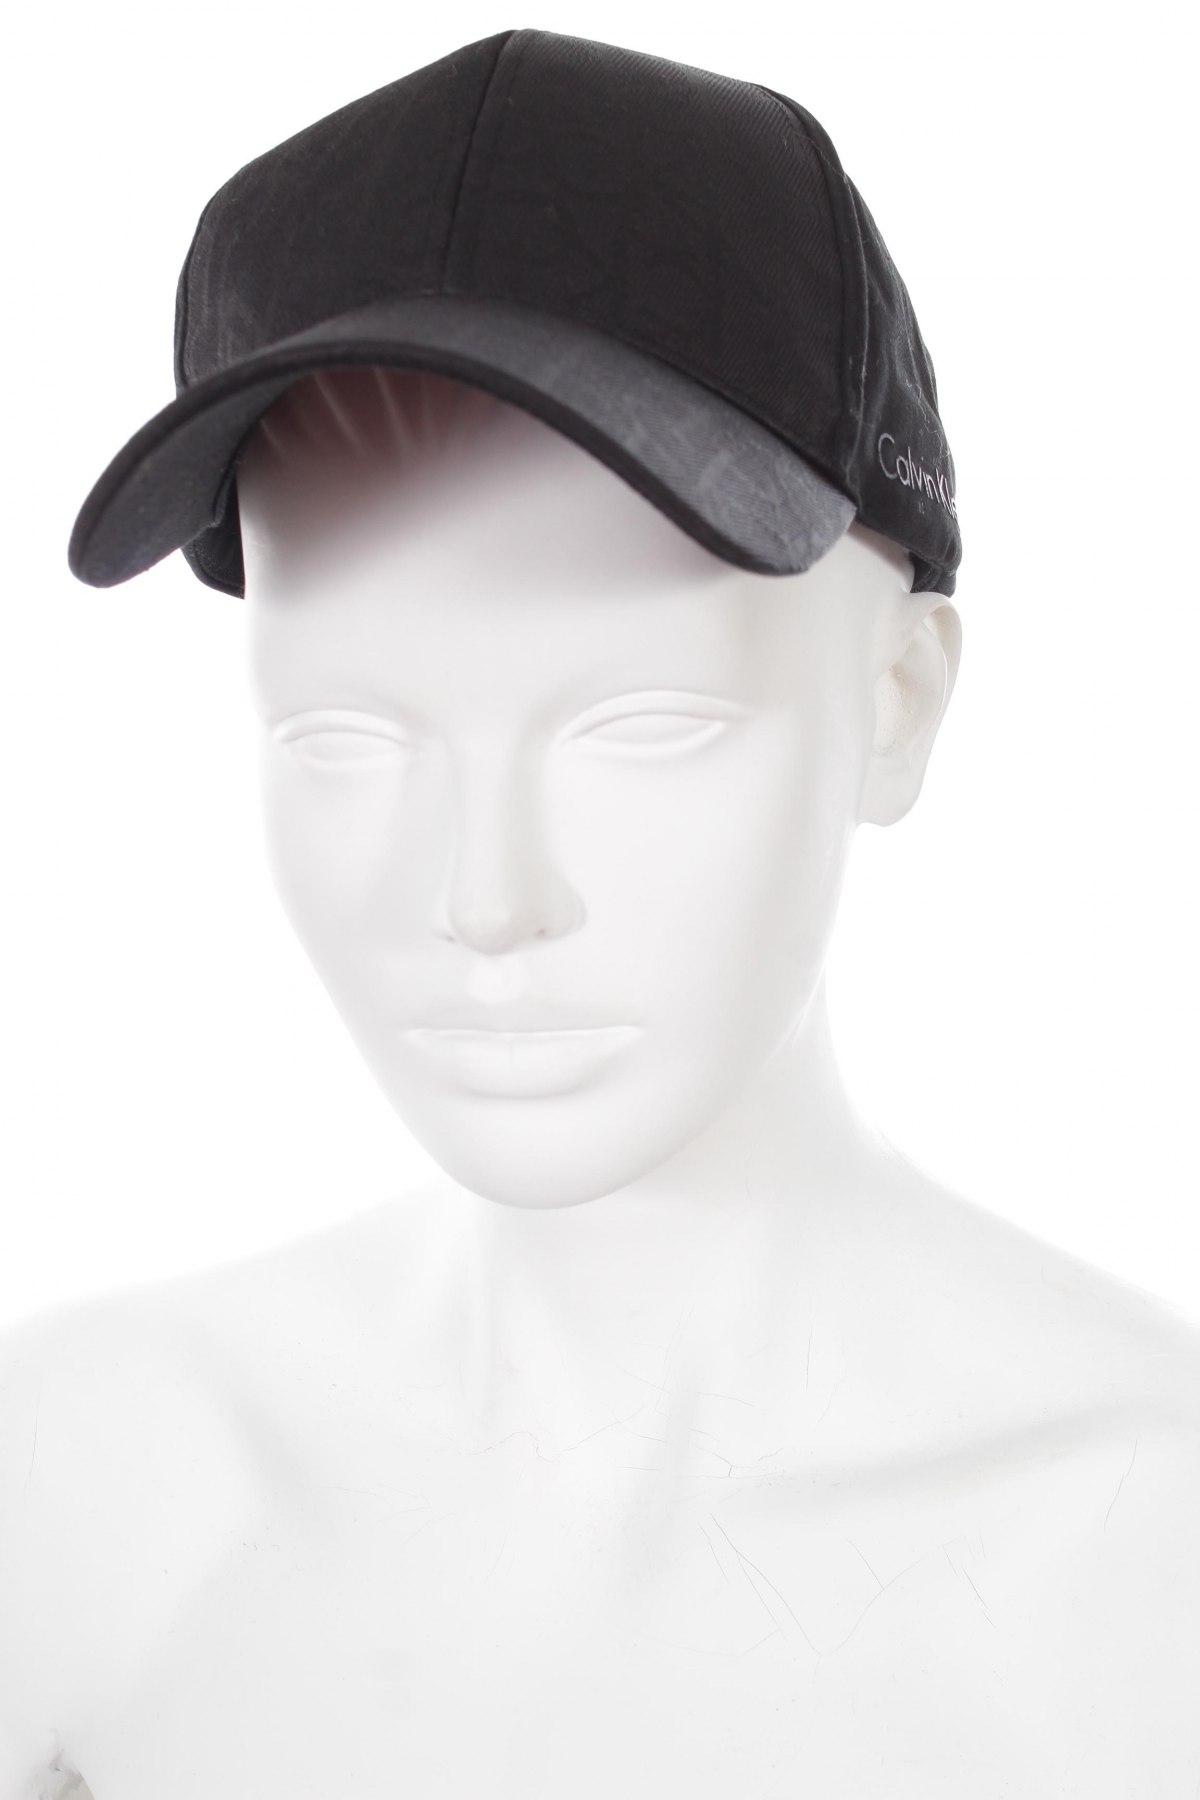 50e879b21b Sapka Calvin Klein - kedvező áron Remixben - #101559806